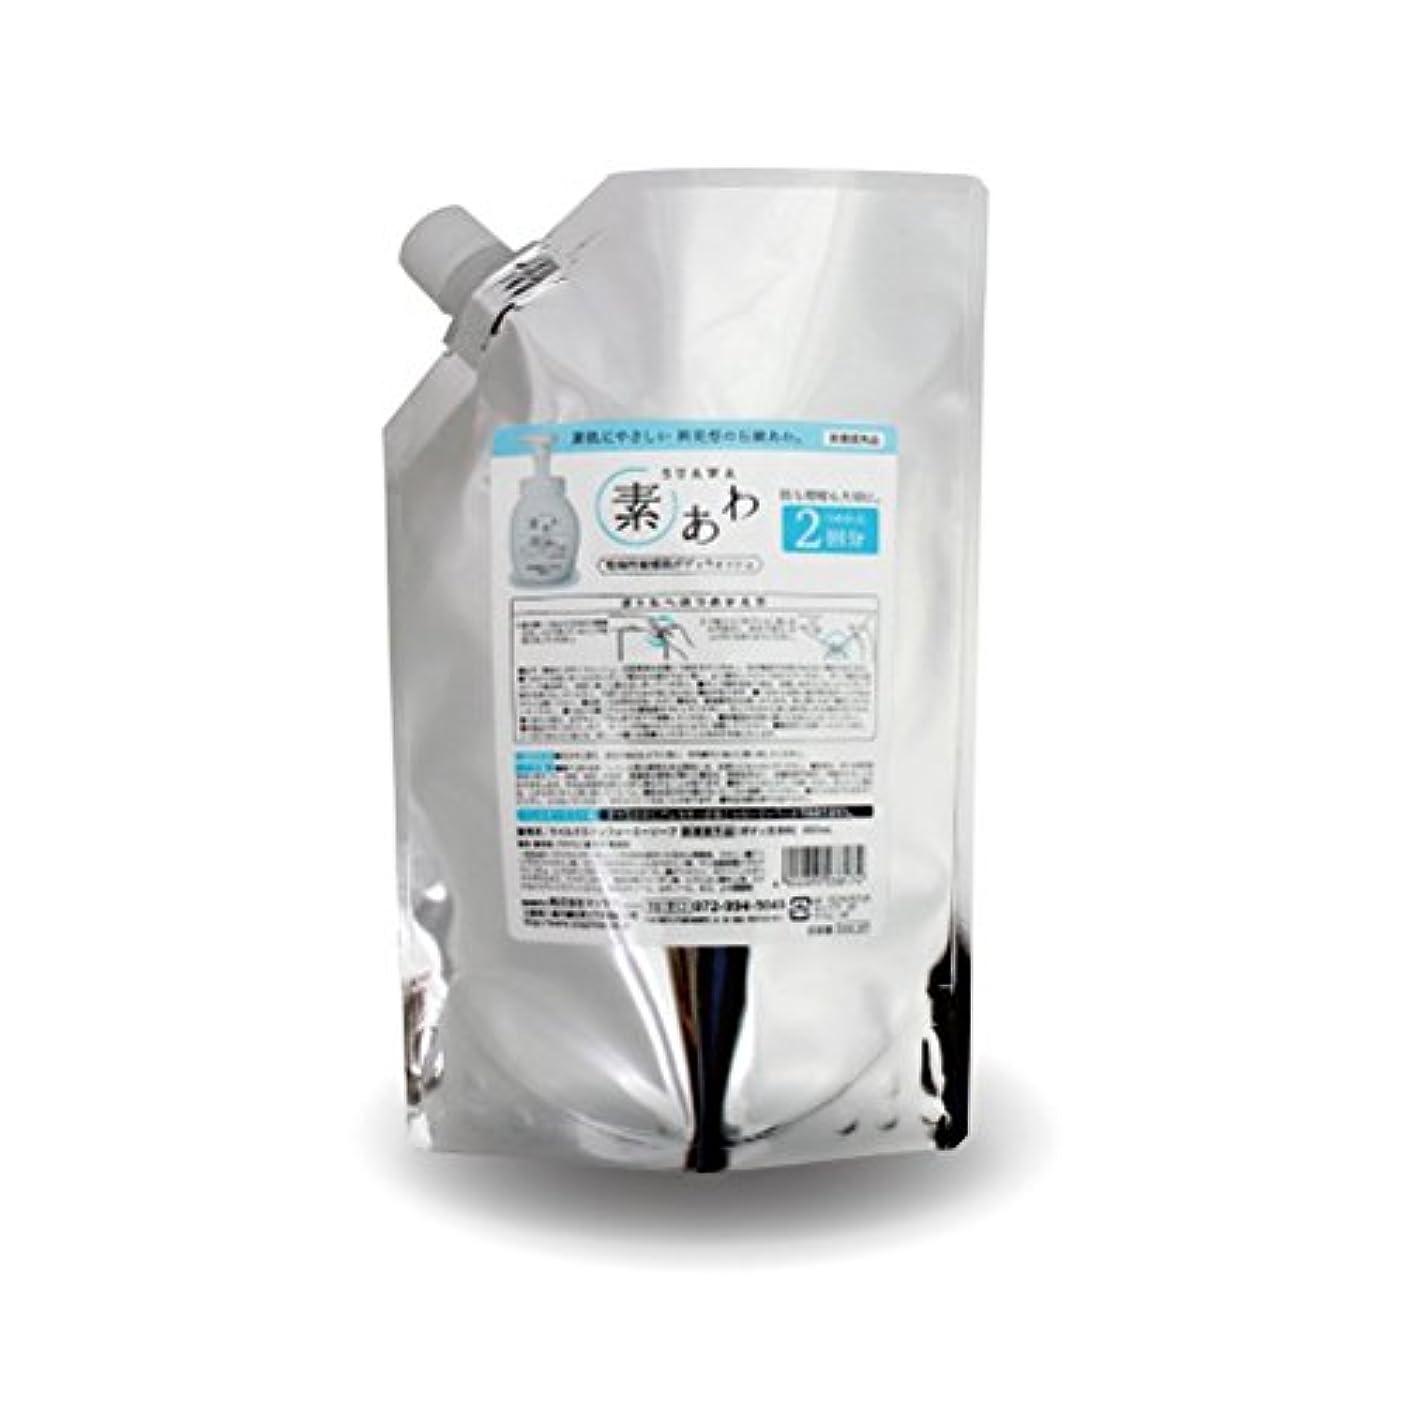 削る飲料結果薬用 素あわ 泡タイプ ボディソープ 詰替2回分パウチ 800mL 乾 燥 肌 ? 敏 感 肌 に